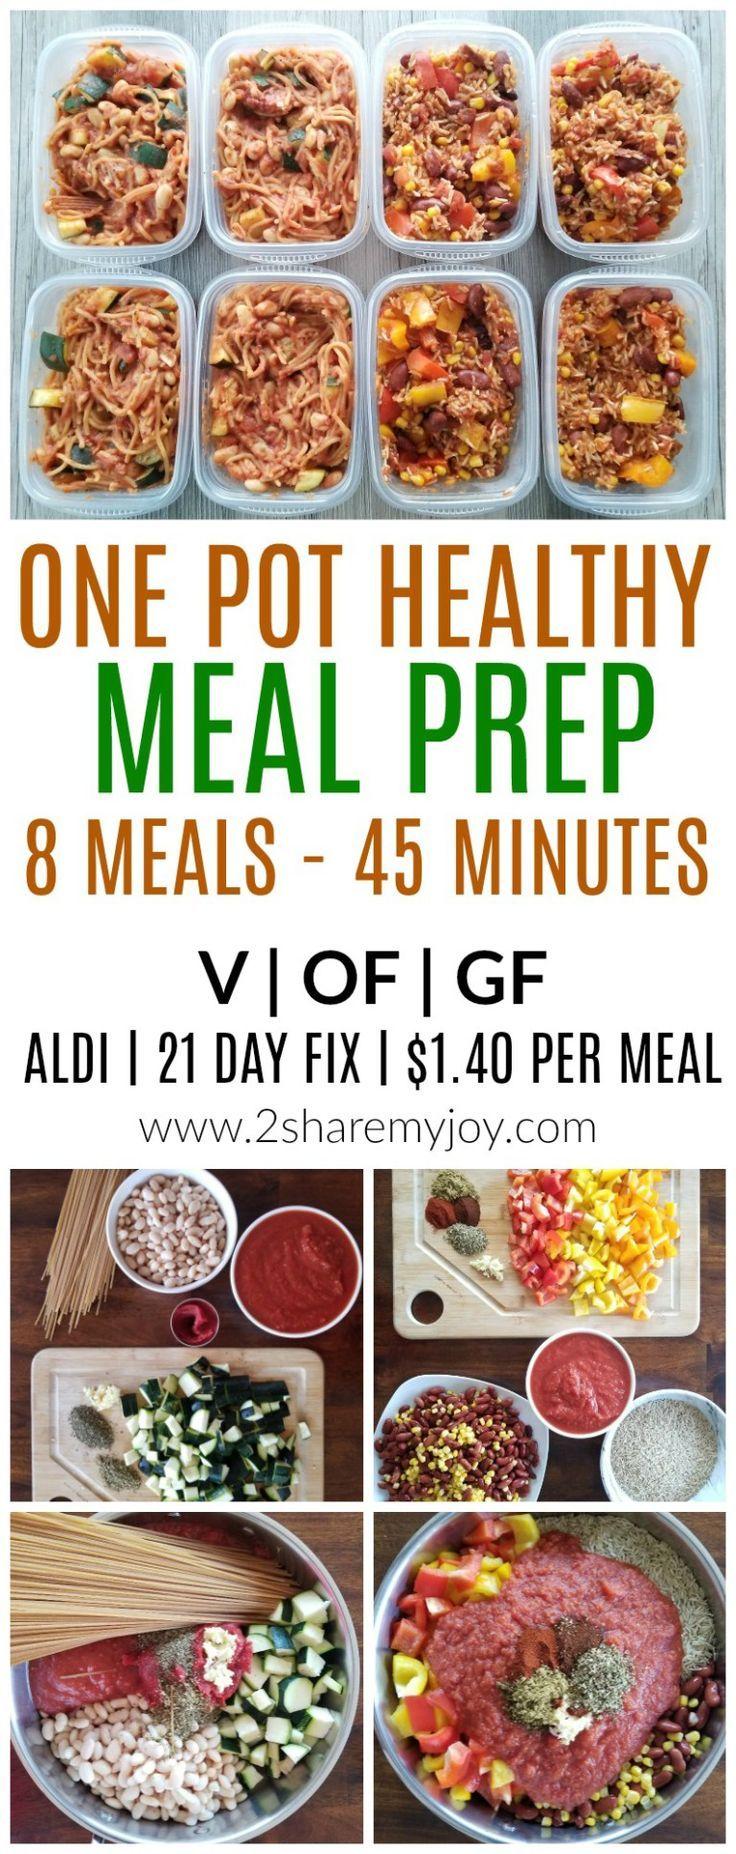 Vegan Meal Prep On A Budget 8 Meals Under 45 Minutes Cheap Healthy Meals Vegan Meal Plans Vegan Meal Prep